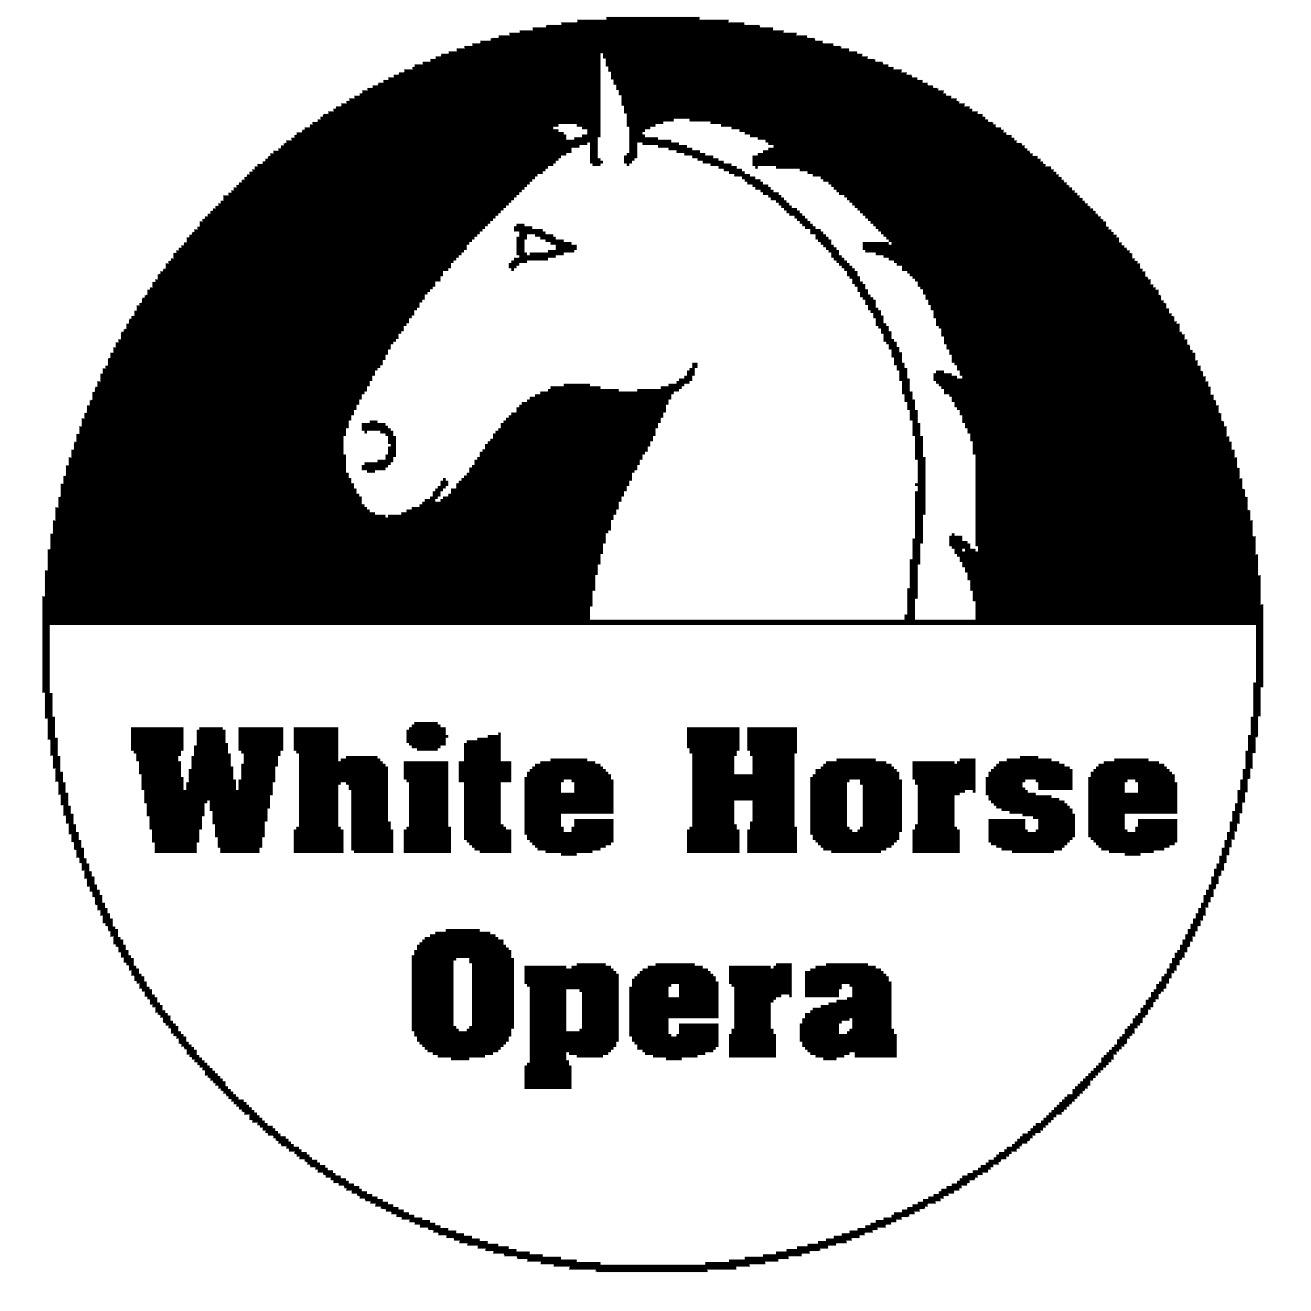 White Horse Opera